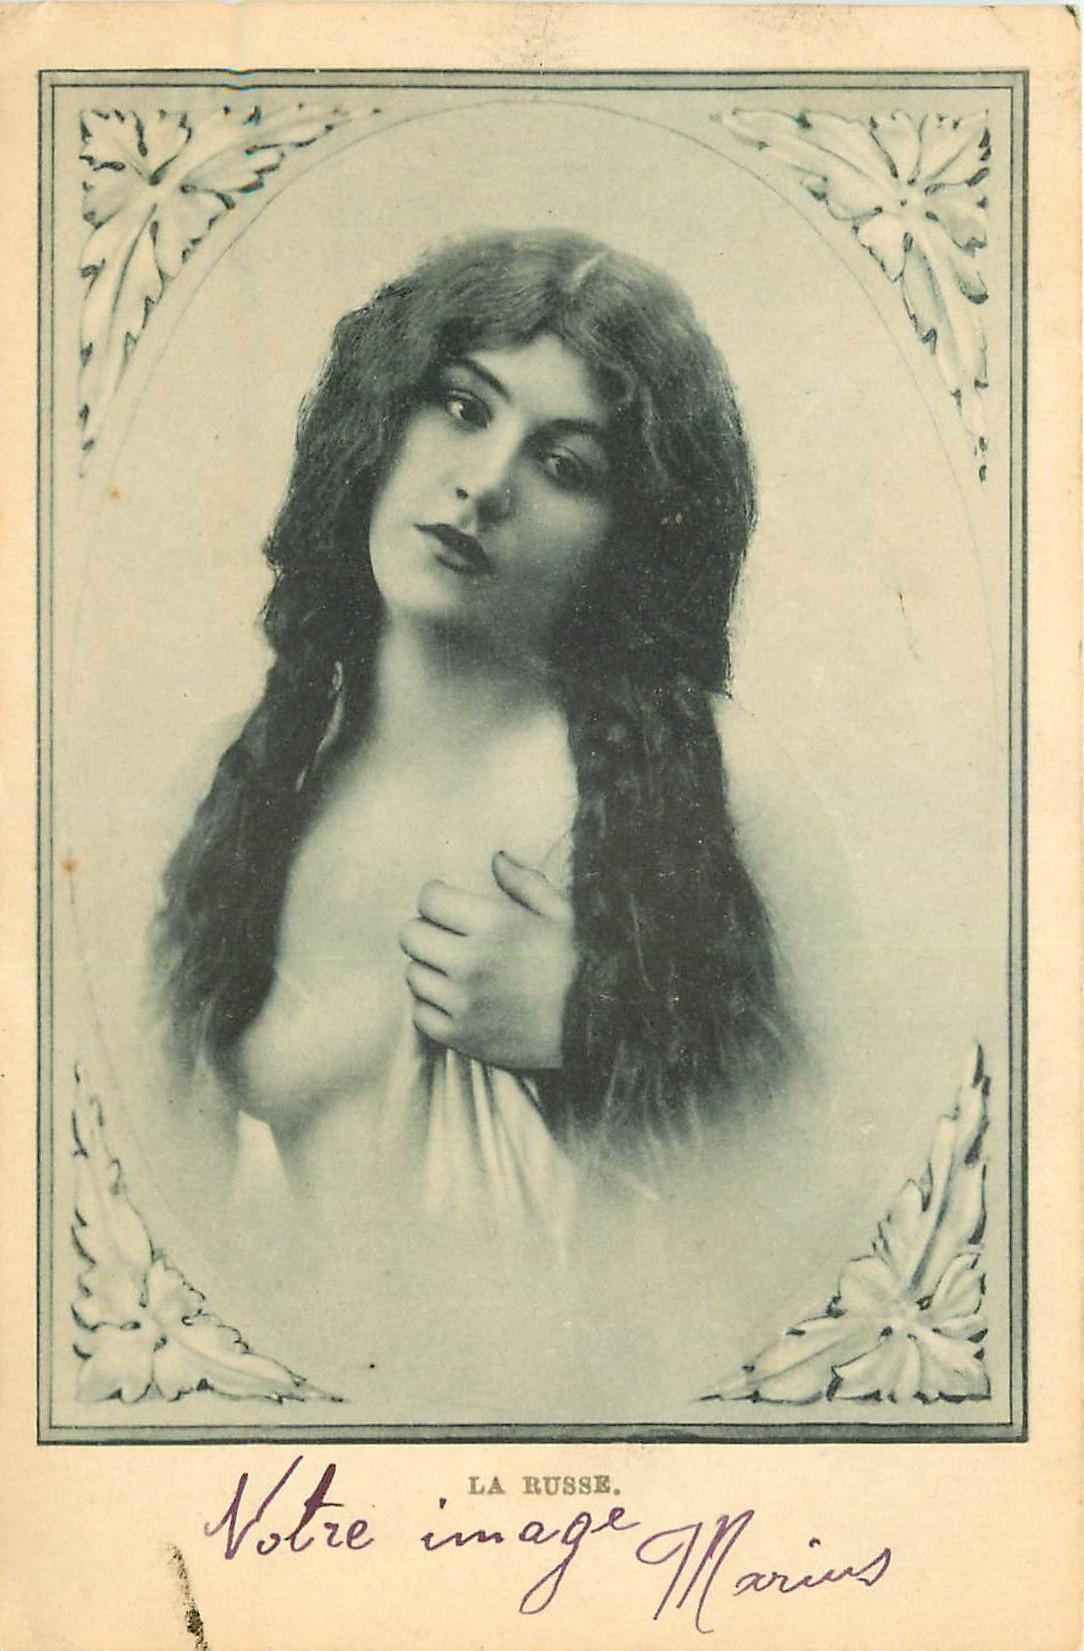 WW LA RUSSE. Femme superbe chevelure au sein nu dévoilé vers 1900